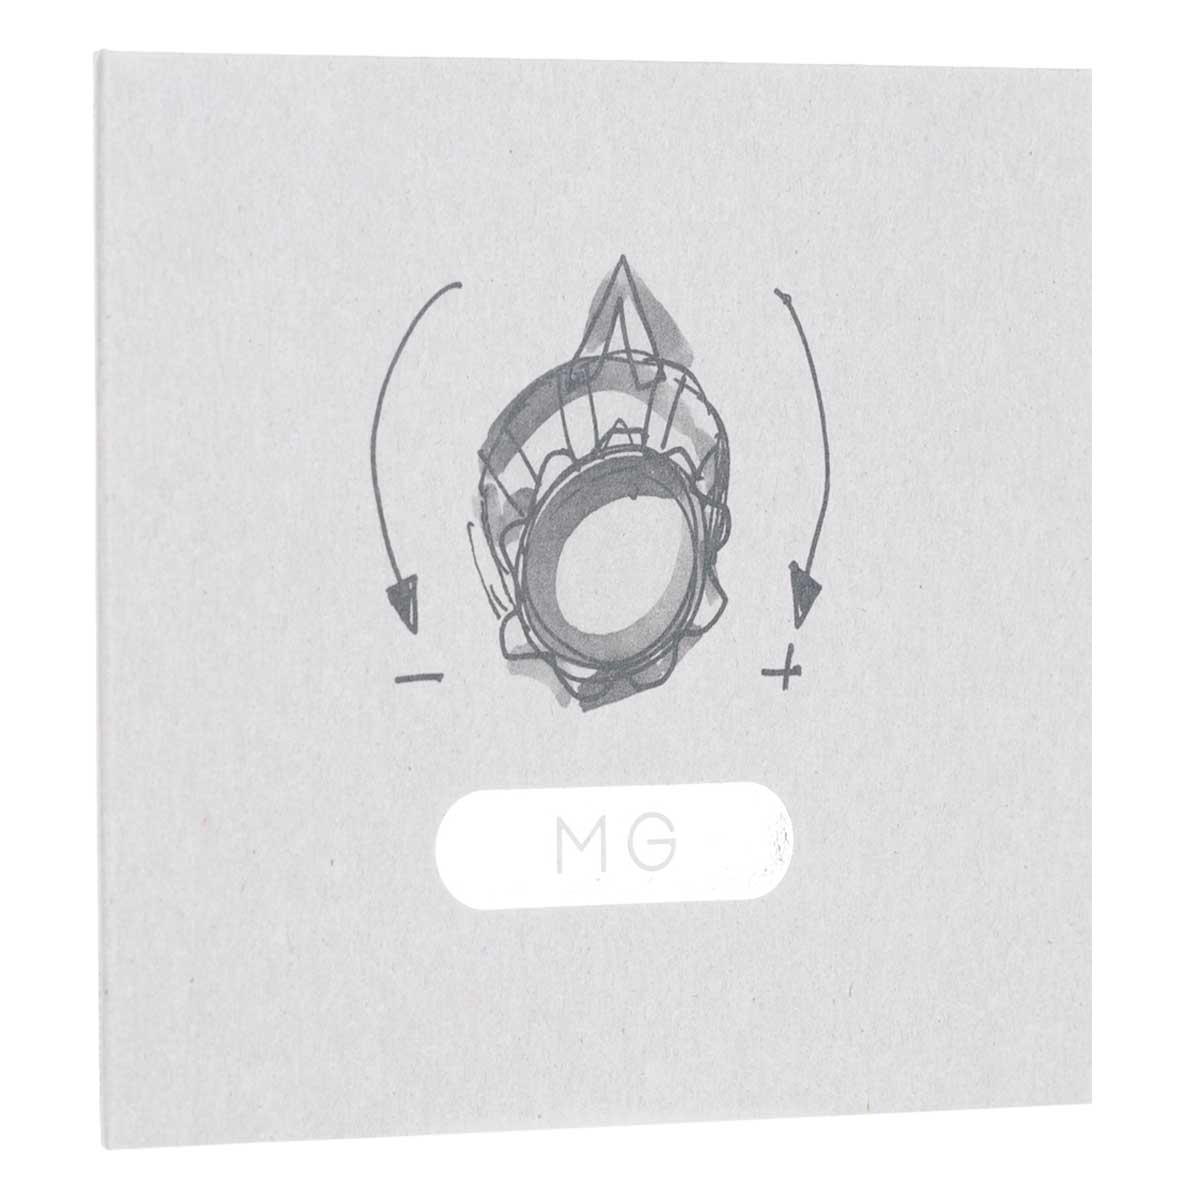 CD, 4-х полосный софтпак, тиснение, конгрев